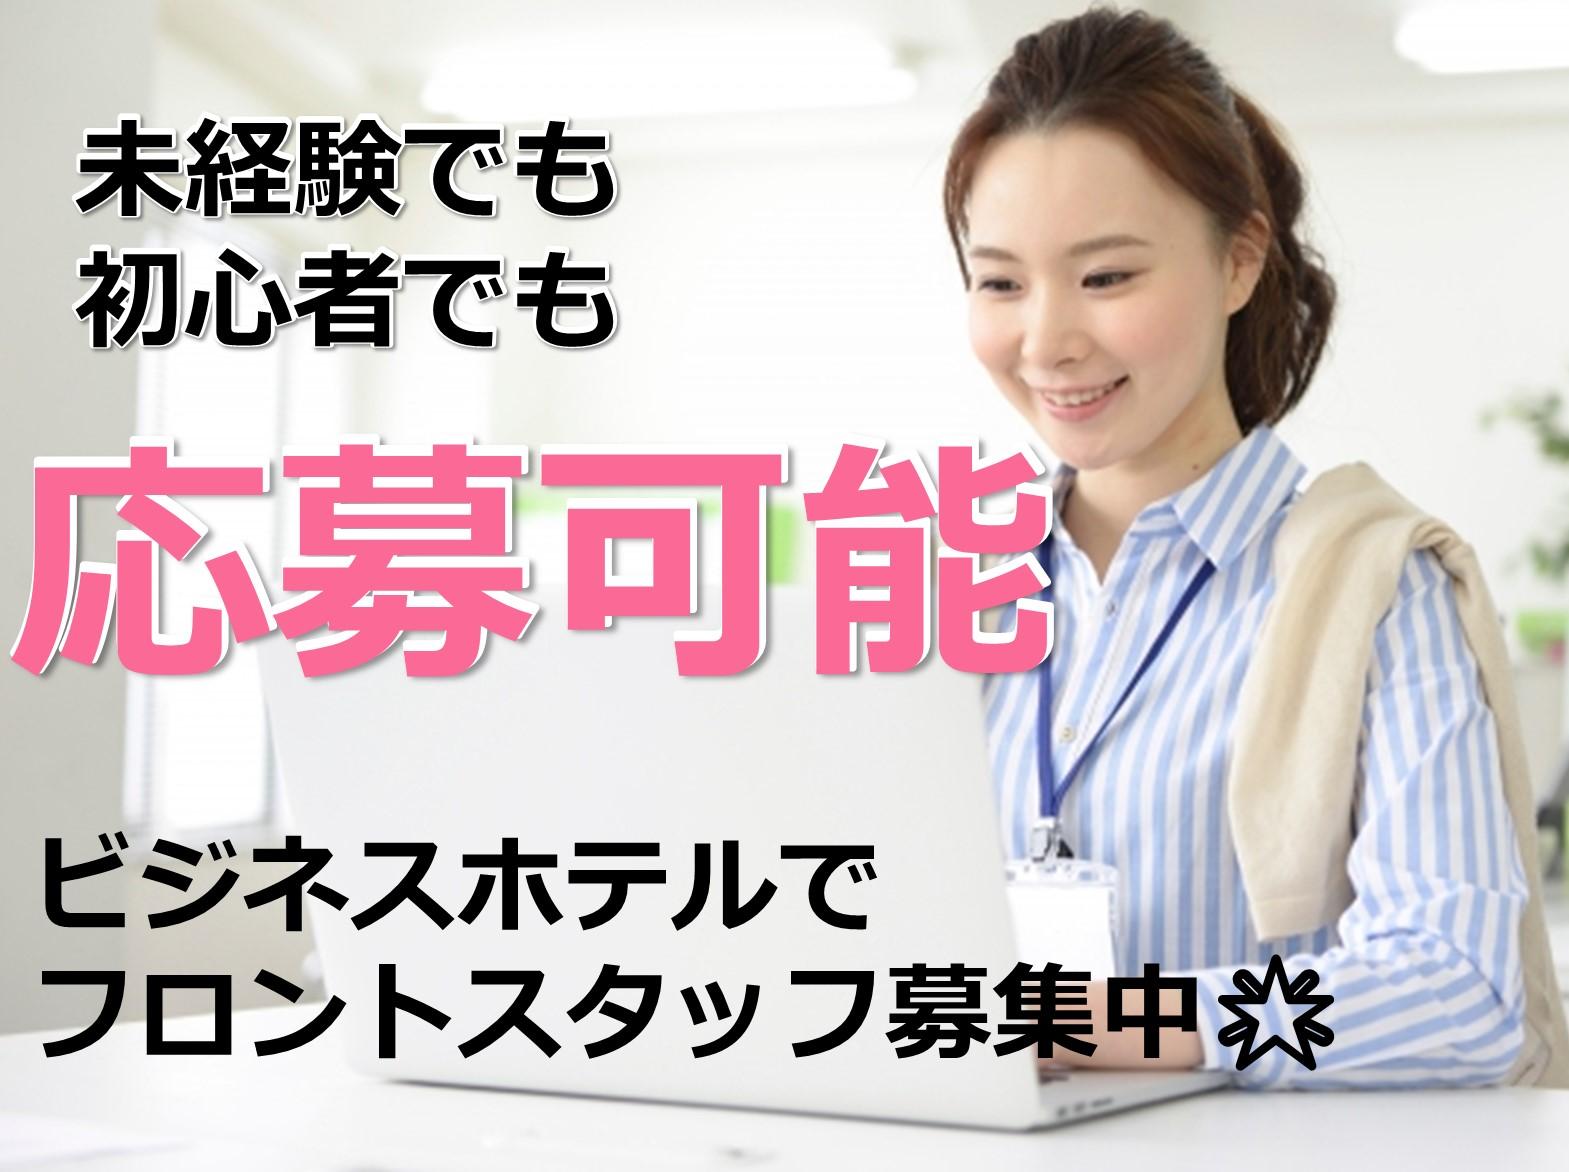 【未経験から正社員へ!】ビジネスホテルのフロントスタッフ【スキル不要!】 イメージ